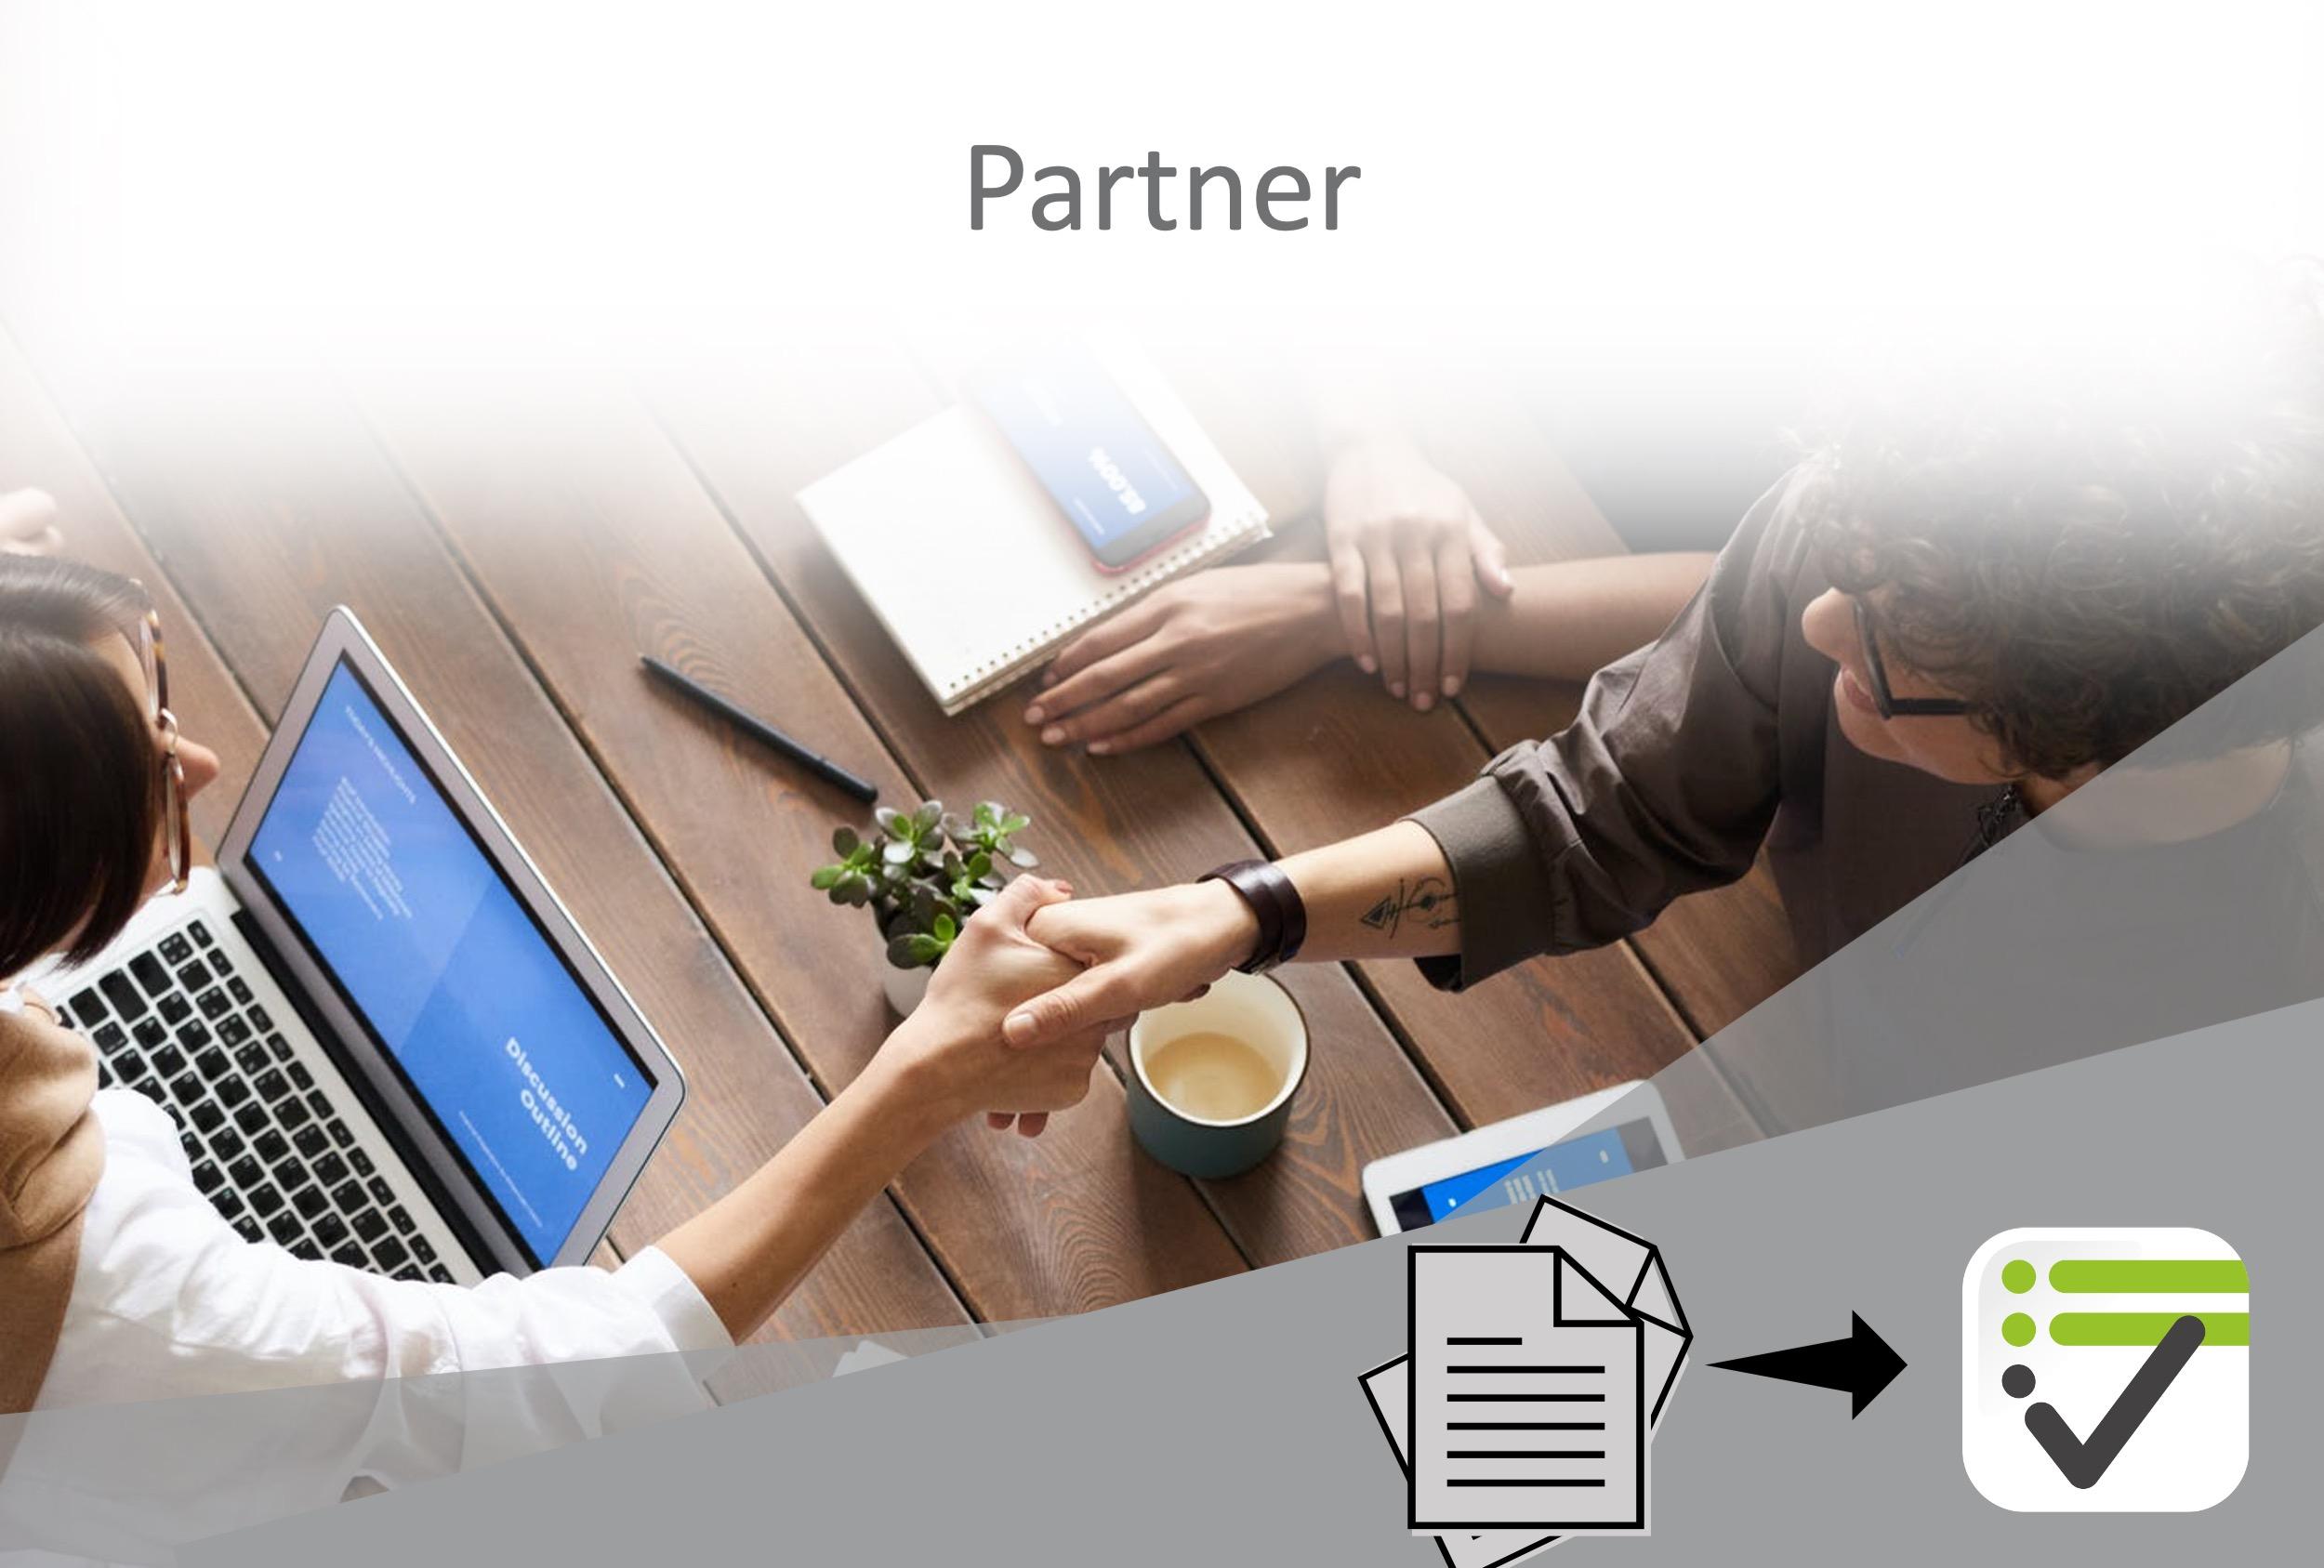 Zwei menschen reichen sich die Hand zur Partnerschaft.